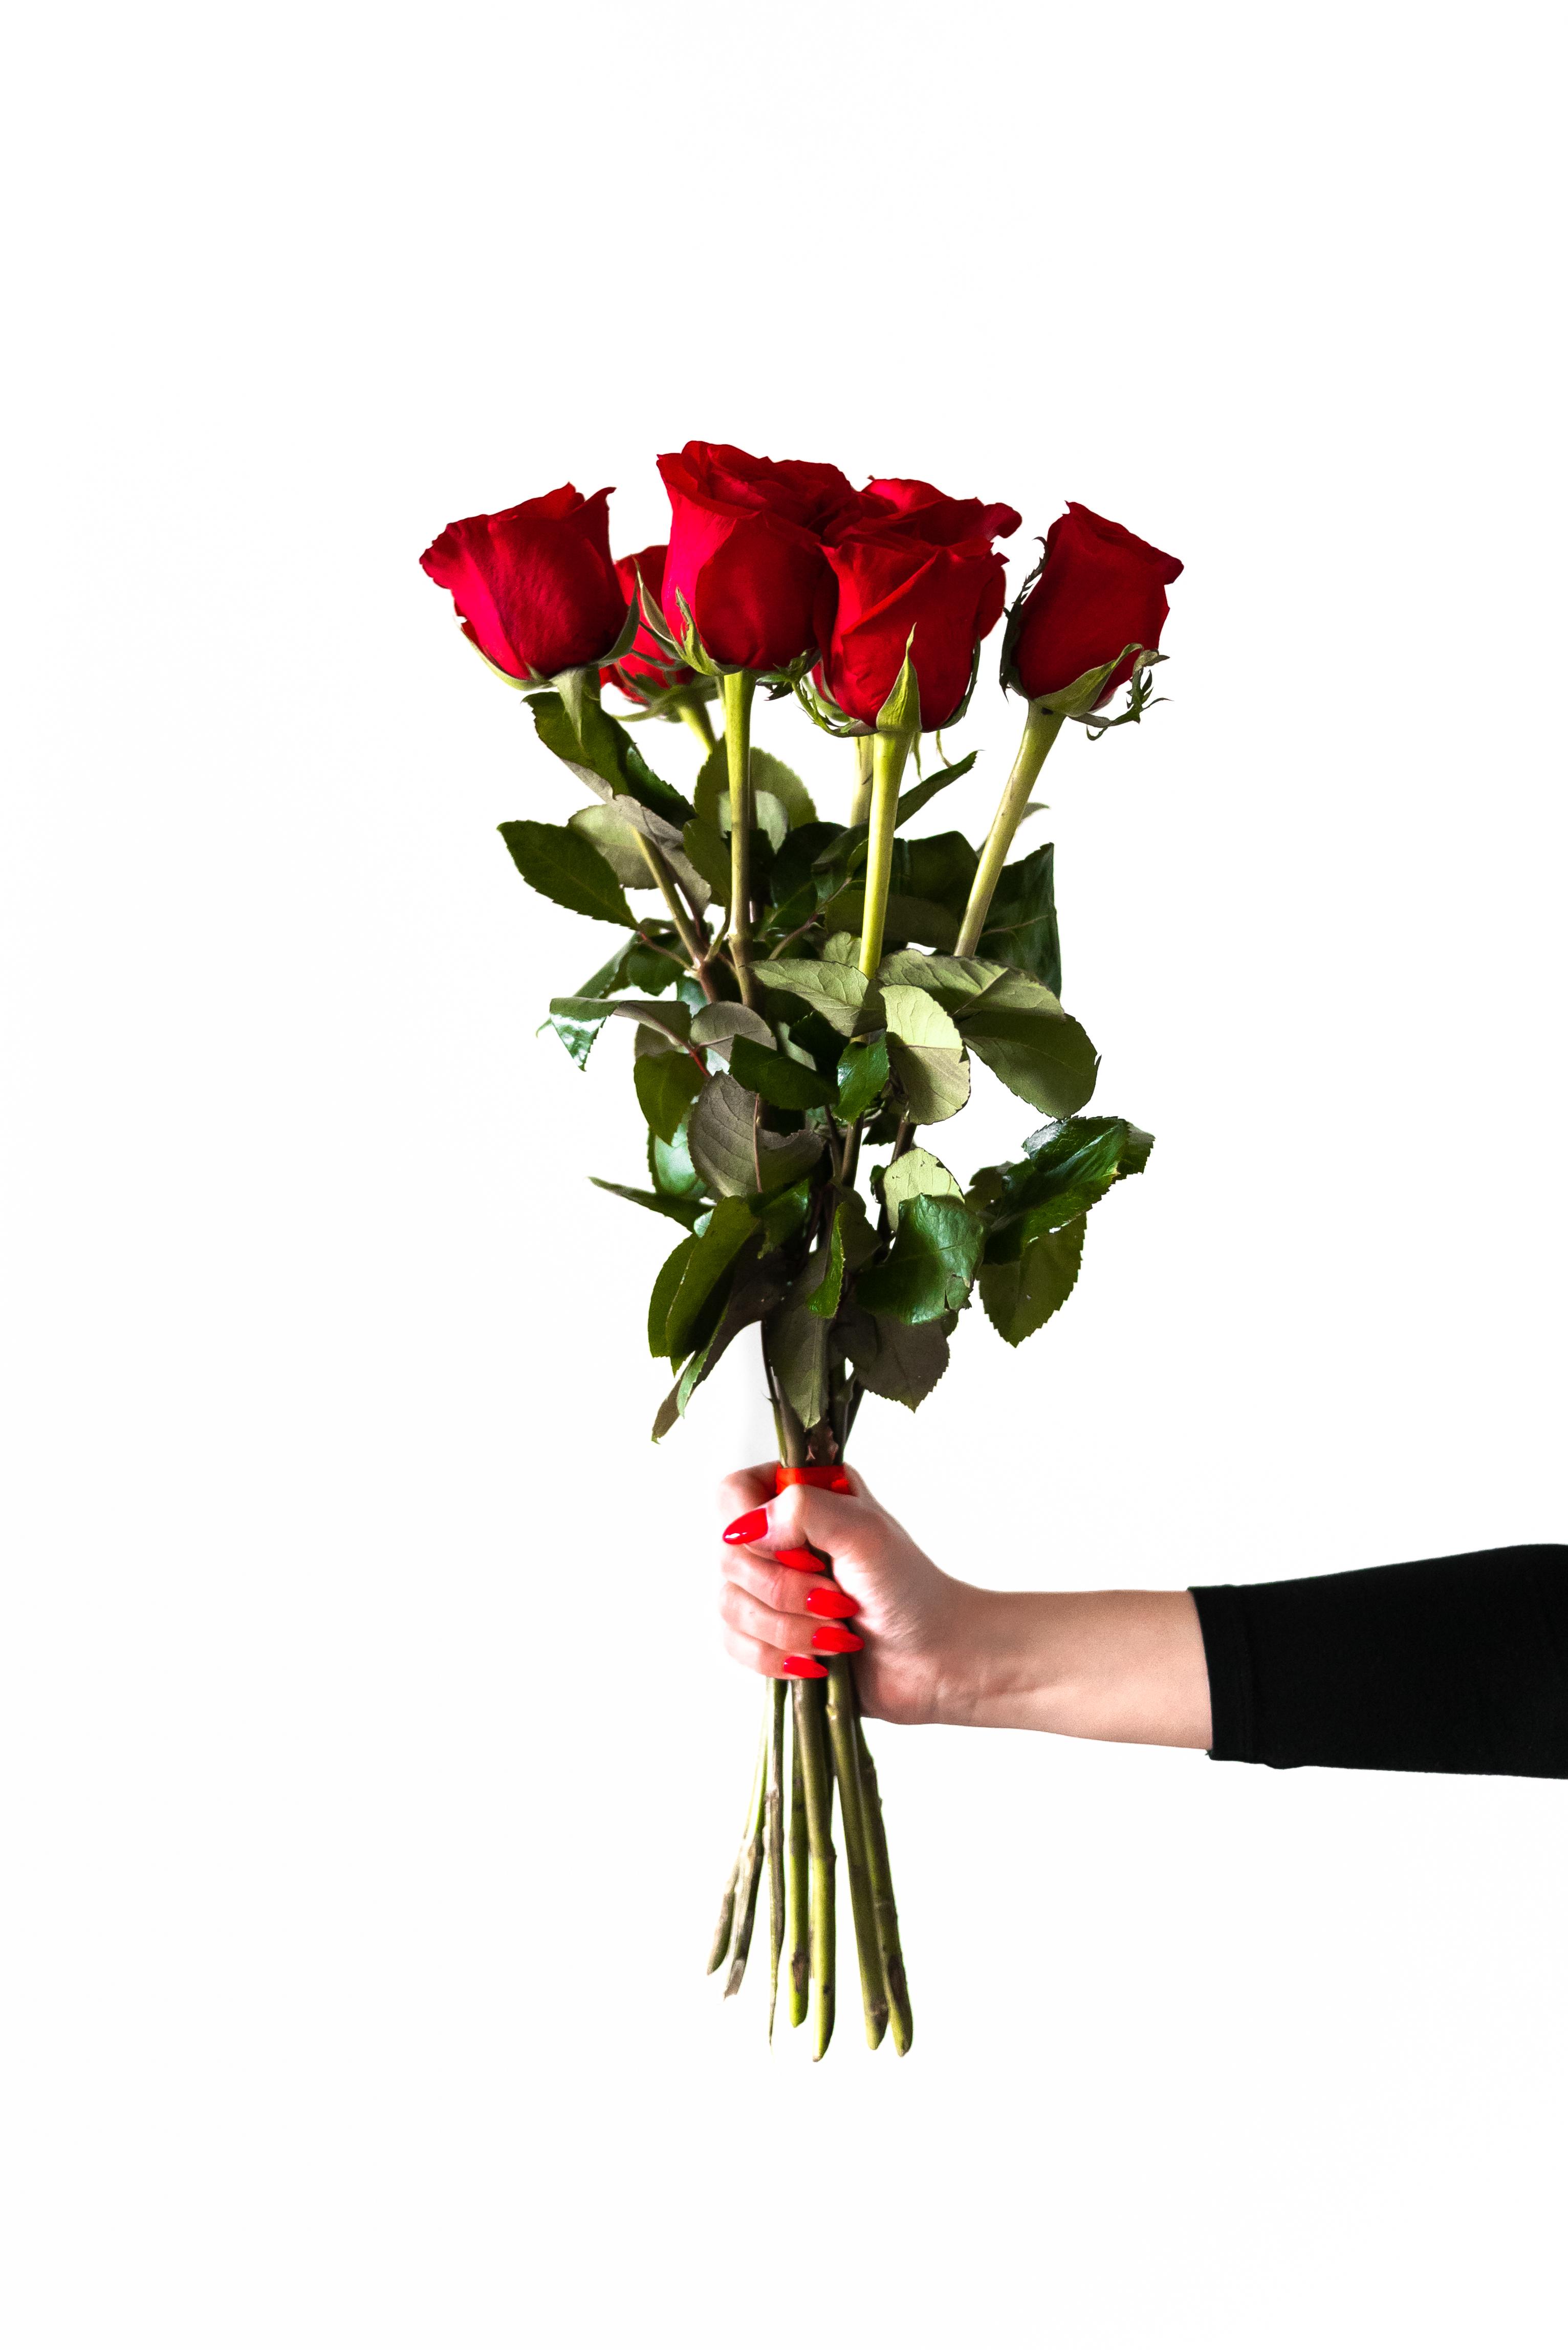 le séduire avec des parfums - offrir un bouquet de fleurs - DIY créer un coffret cadeau sur le thème des 5 sens